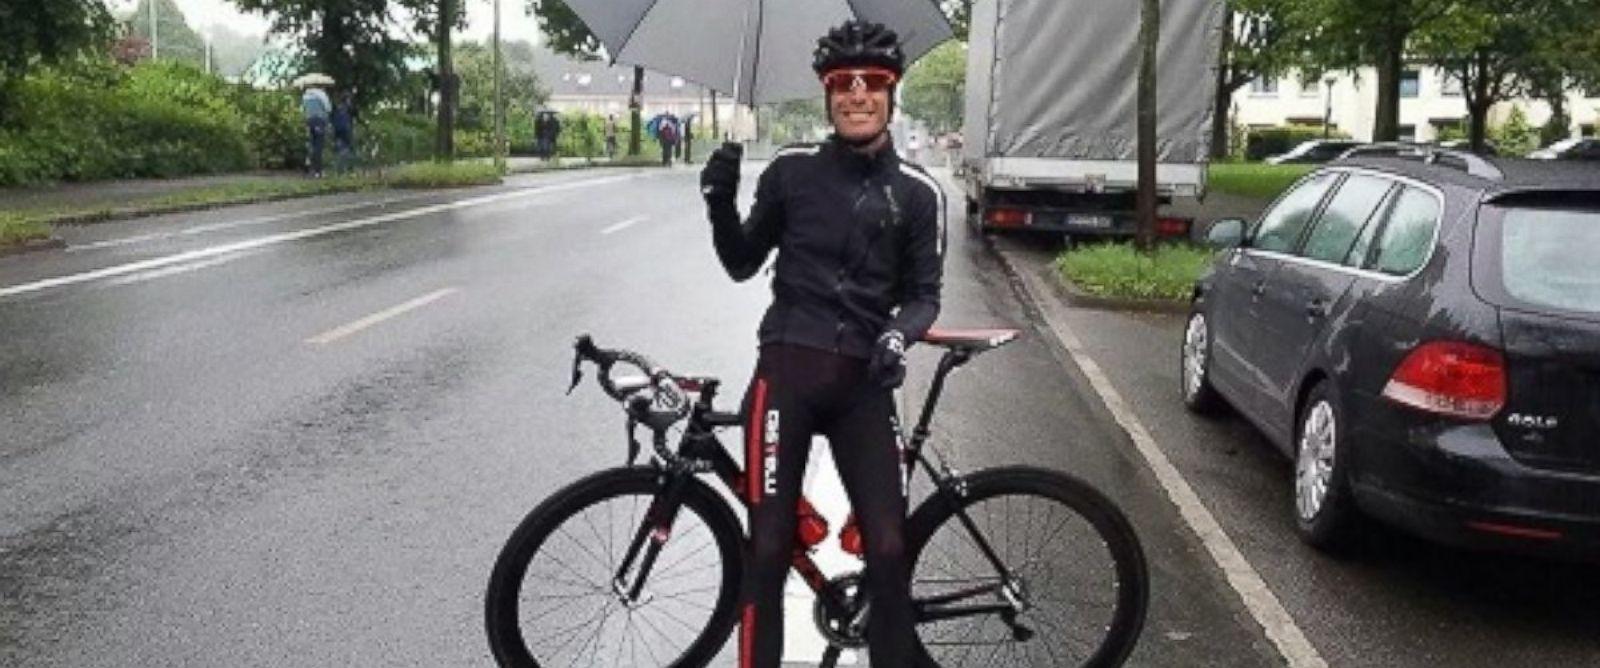 PHOTO: Maarten De Jonge is seen in this photo from his website: maartendejonge.com